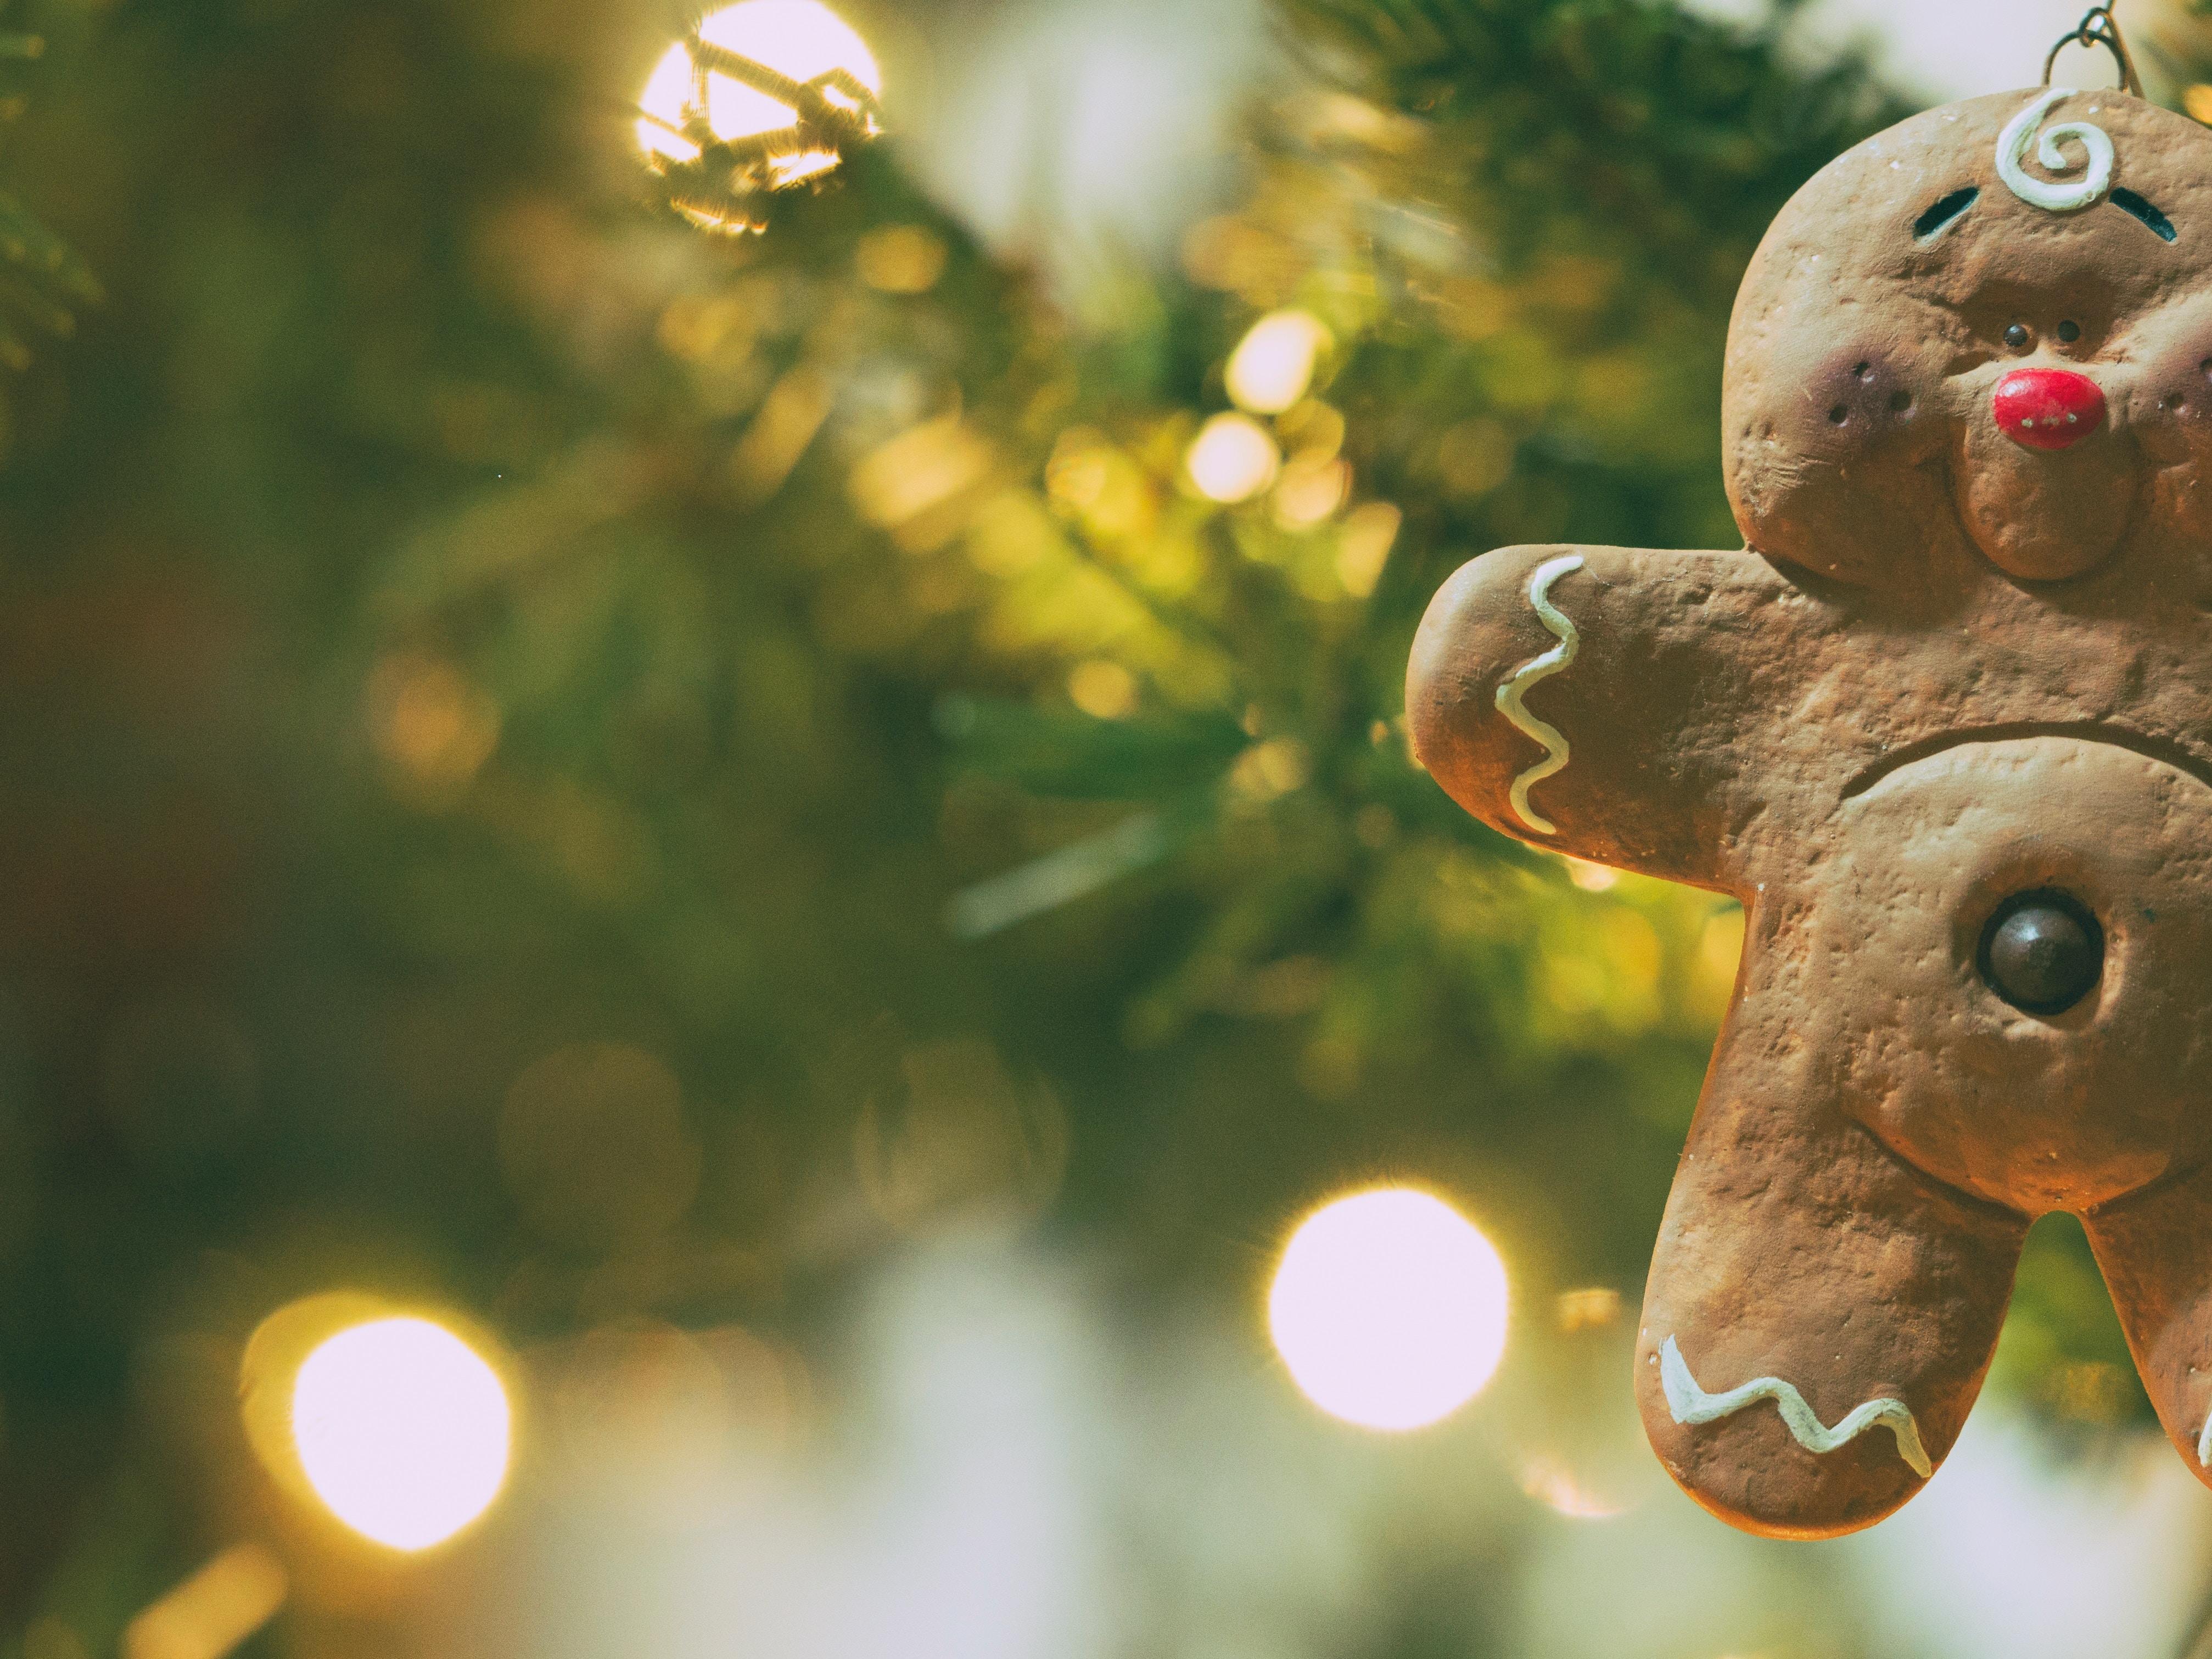 Weihnachten ökologischer feiern - 5 Tipps - so gehts!Welt der ...